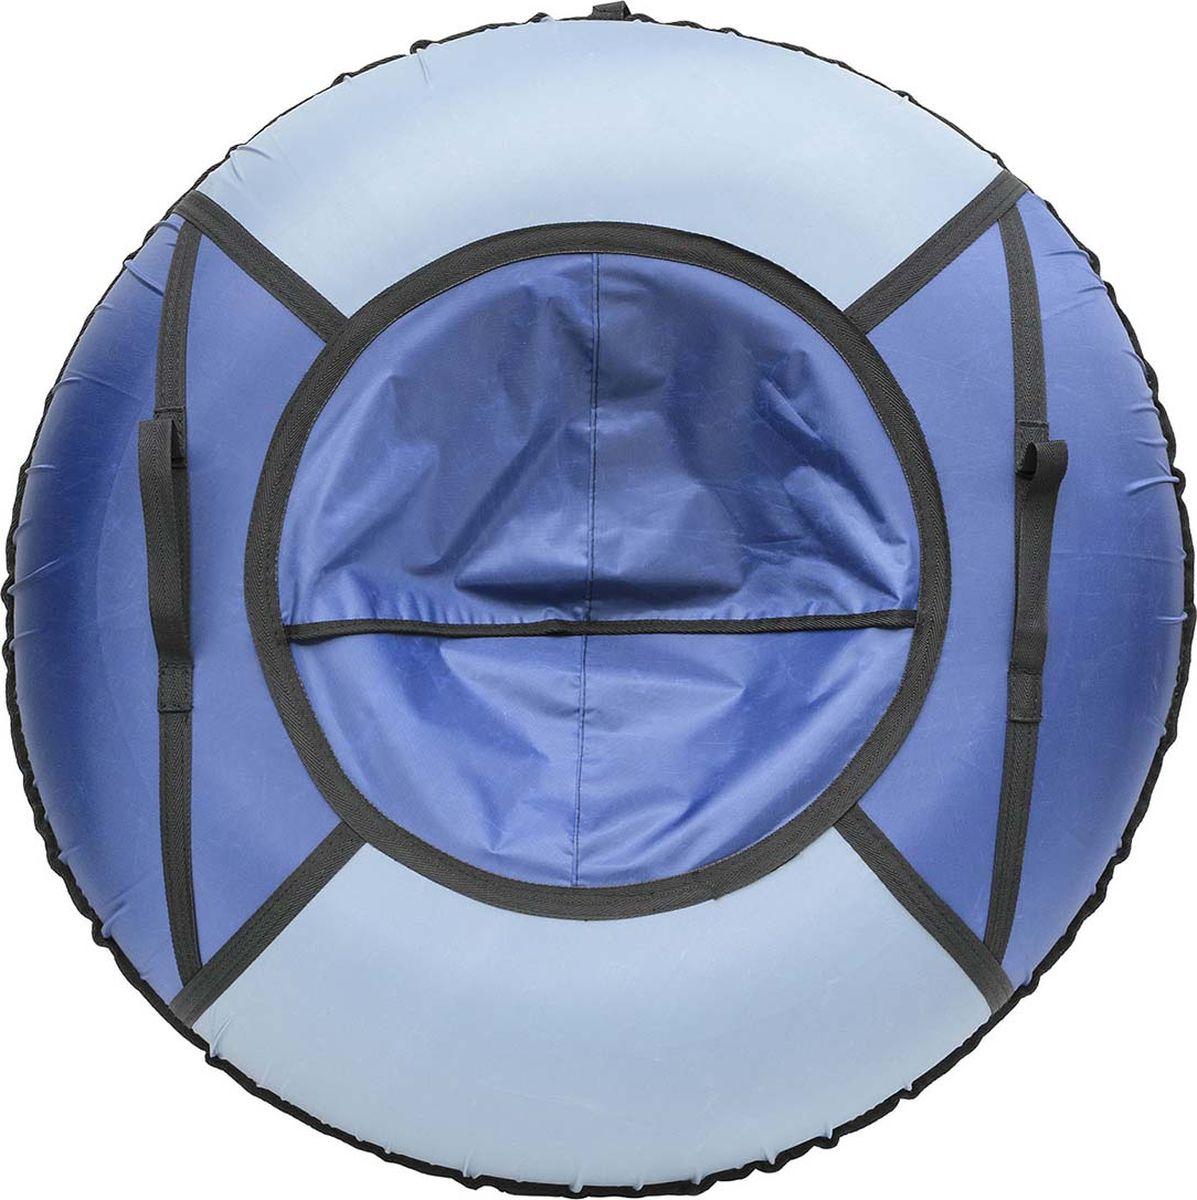 Тюбинг Эх, Прокачу! Эконом-4, цвет: серый, синий, 85 смСЭ85-4-4Качественные бюджетные санки-ватрушки для катания по снегу из 4 секций * размеры указаны в надутом состоянии * дно изготовлено из ткани ПВХ 630г/м2 * верх изготовлен из ткани Oxford 420гр/м2 * камера российского производства * буксировочный ремень * морозоустойчивость -45 * допускается деформация формы санок из-за неравномерности надутия камеры